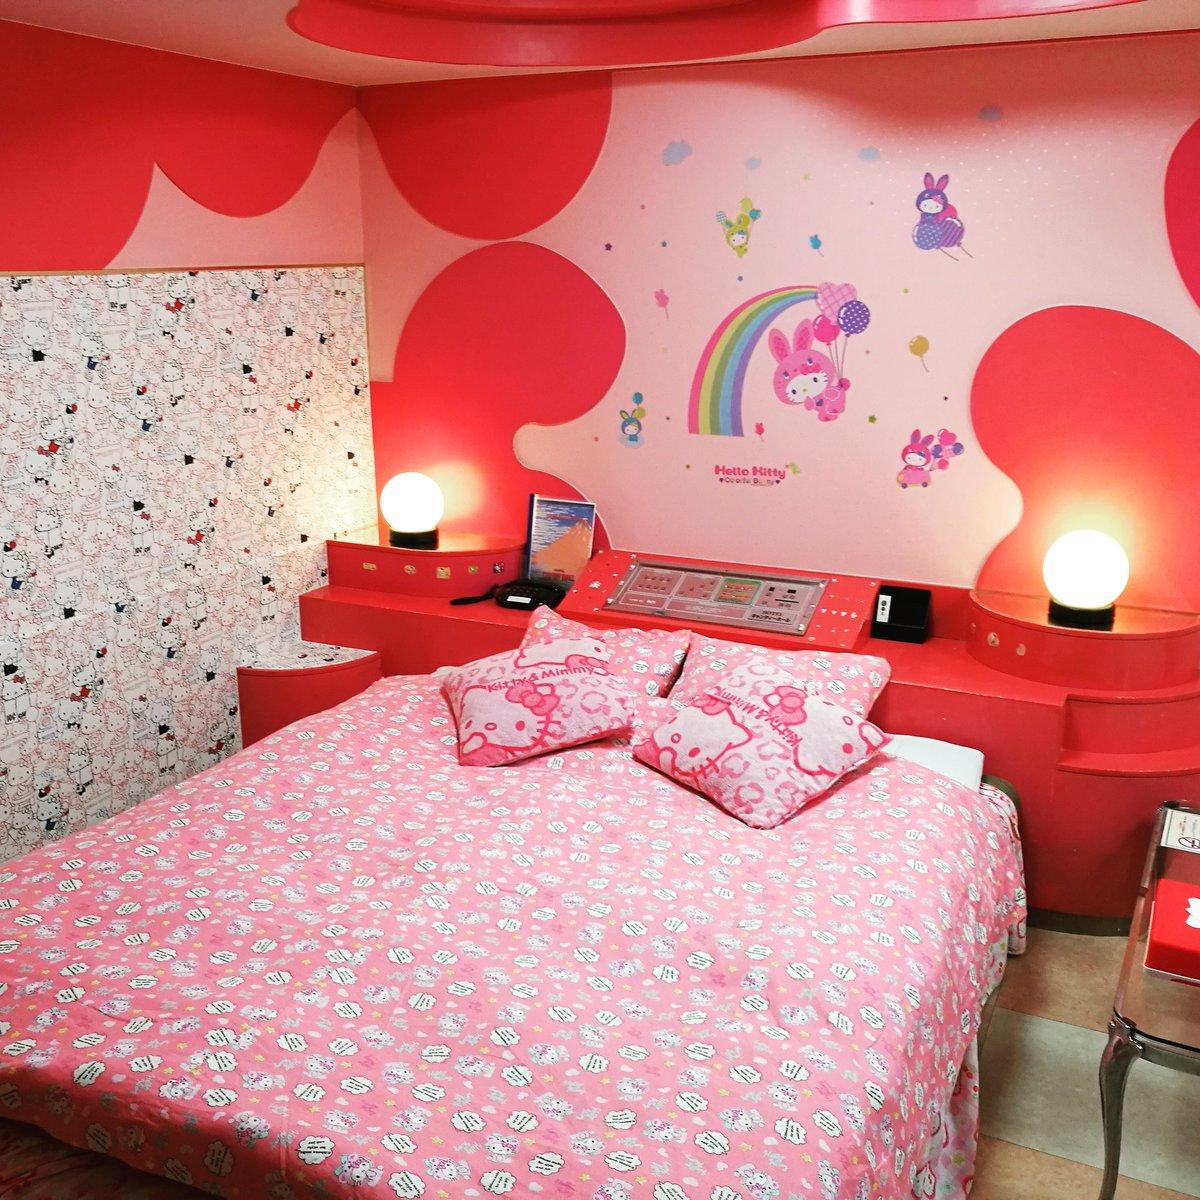 Hotel Candy Hall Hellokittyroom Hashtag On Twitter